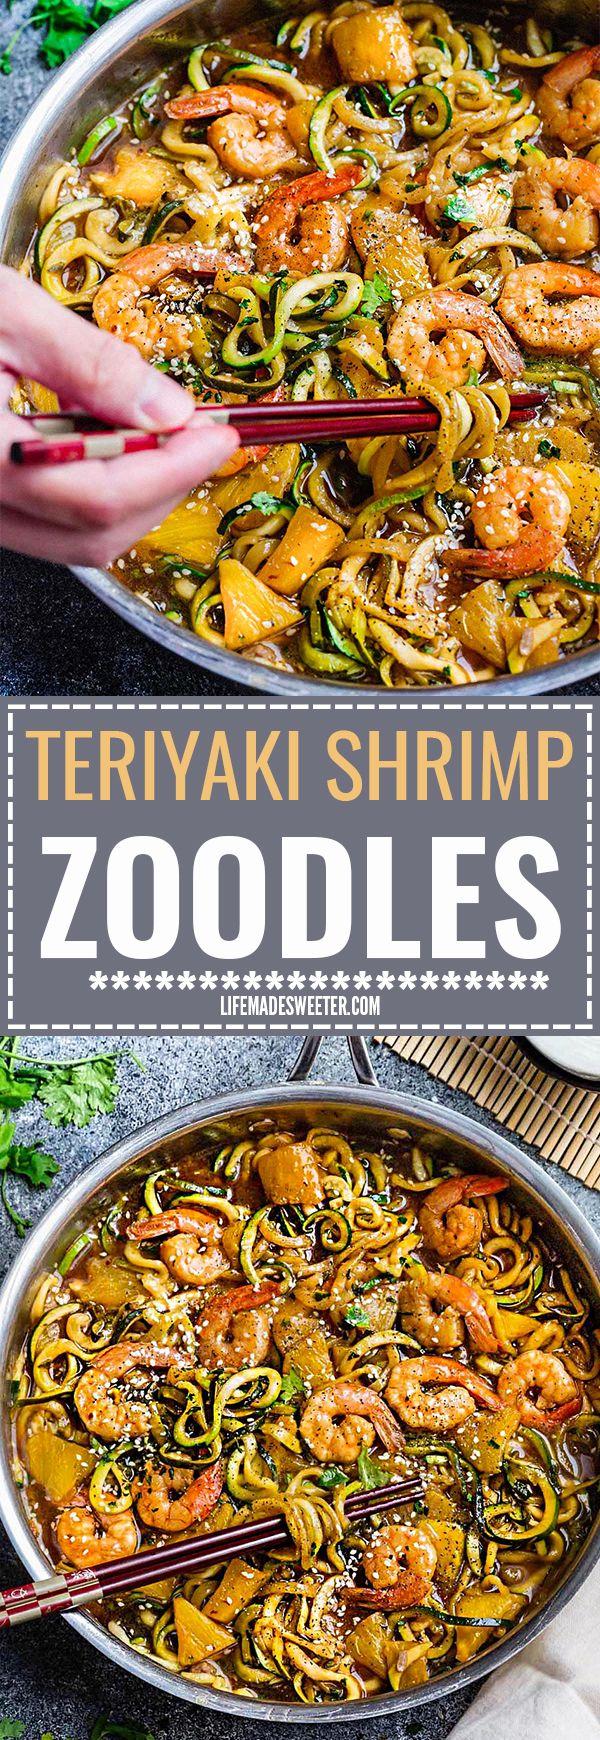 Een Pan Teriyaki Garnalen Zoodles {Zucchini Noodles} is de perfecte eenvoudig glutenvrij (of paleo) doordeweekse avond maaltijd!  Het beste van alles, het duurt slechts 30 minuten te maken in slechts een pot en is zo veel gezonder en beter dan afhalen!  Geweldig voor zondag maaltijd prep en restjes maken heerlijke lunch bowls voor werk of school lunchboxen!  Plus Video!